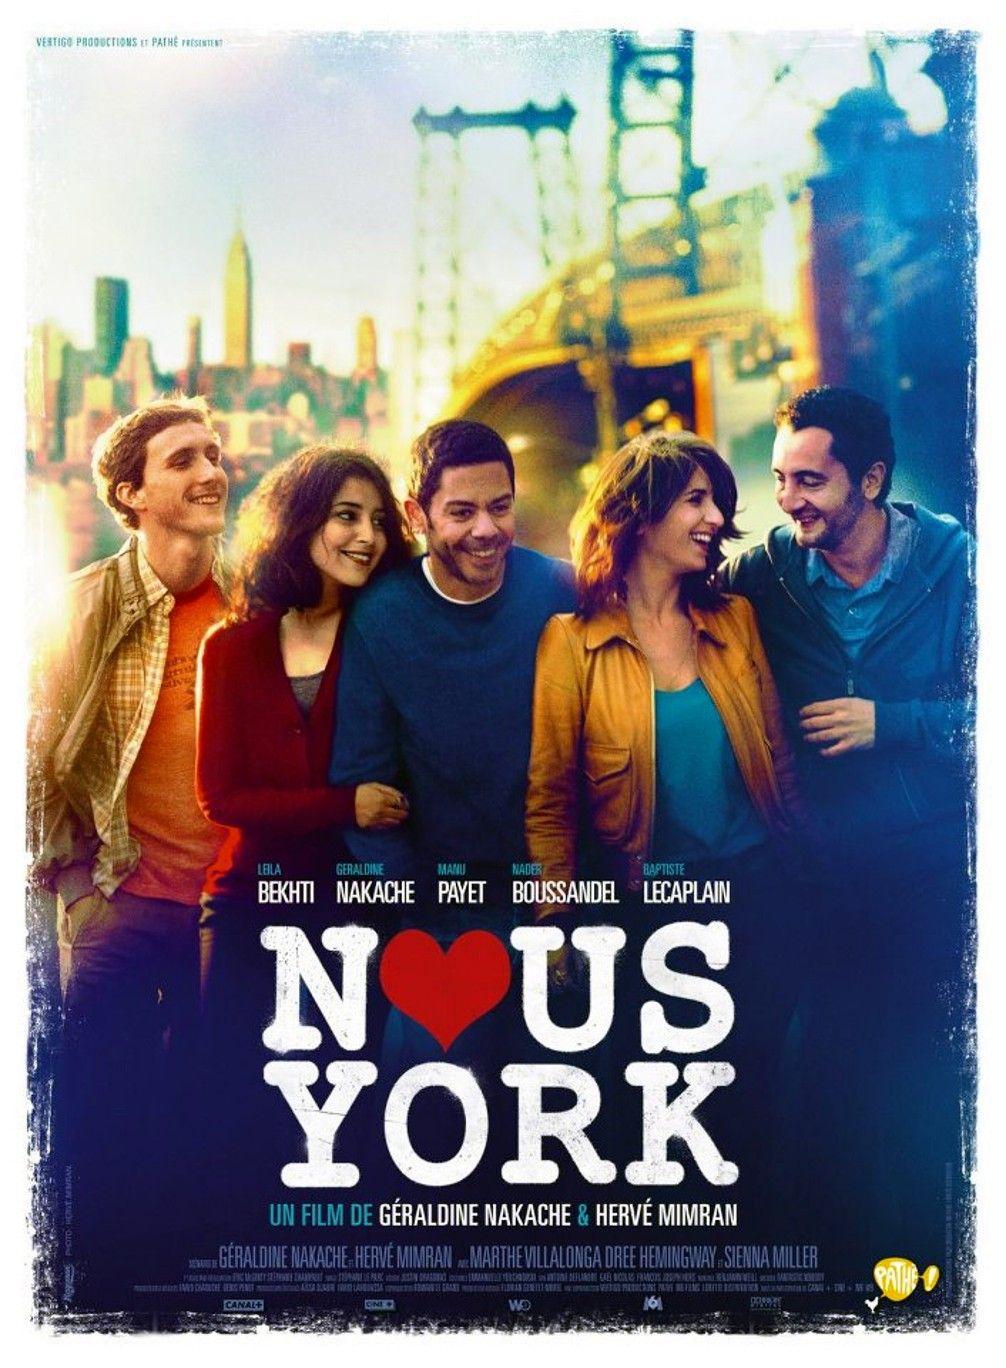 Epingle Par Lolo Lachiparmentier Sur Films Vus Nous York Film Film Sympa